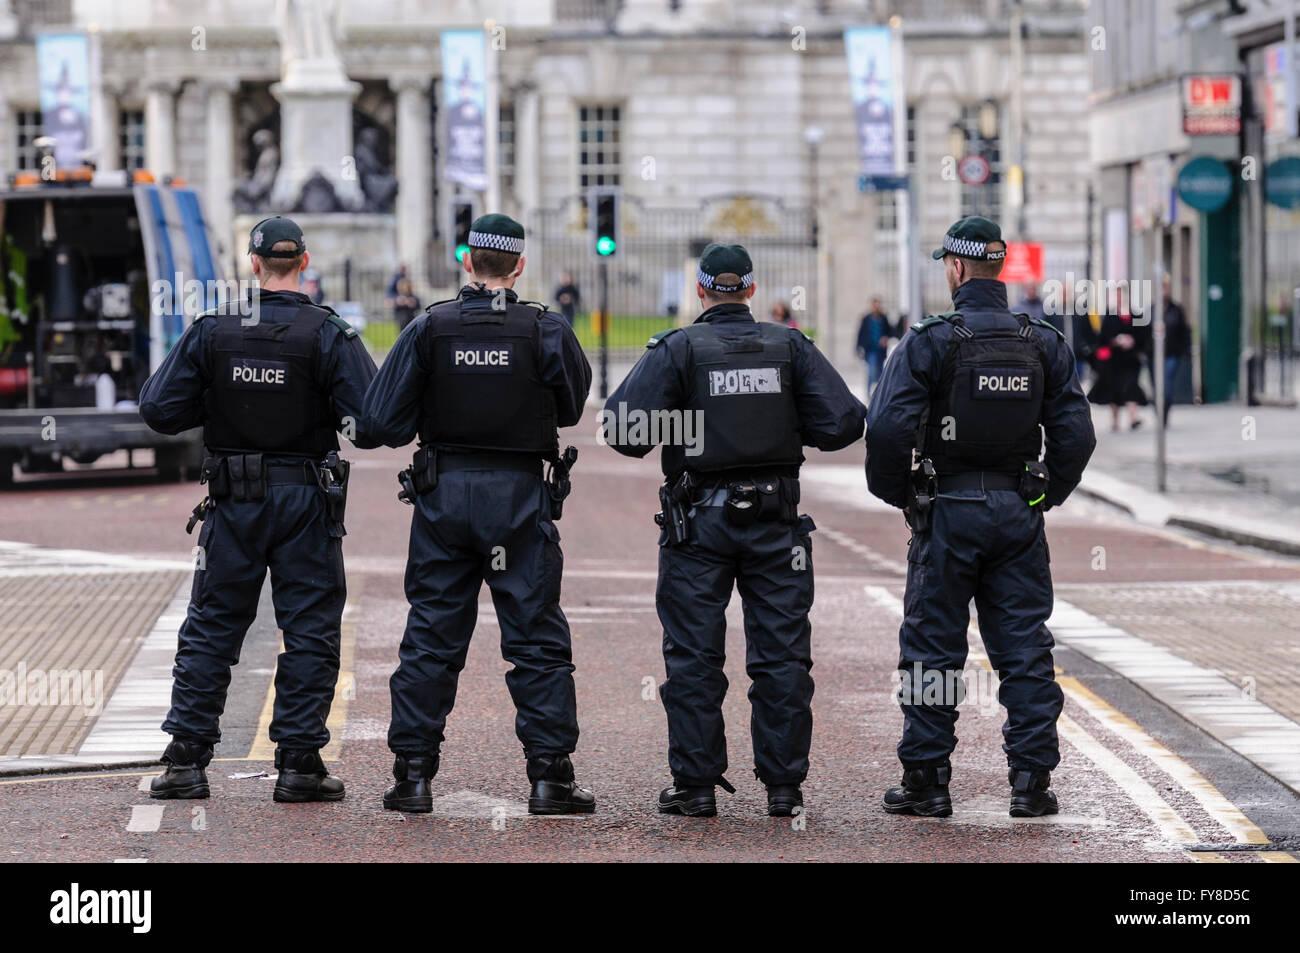 Quattro PSNI poliziotti blocco off Donegal luogo a Belfast in anticipo di una sfilata, impedendo che persone e veicoli Immagini Stock